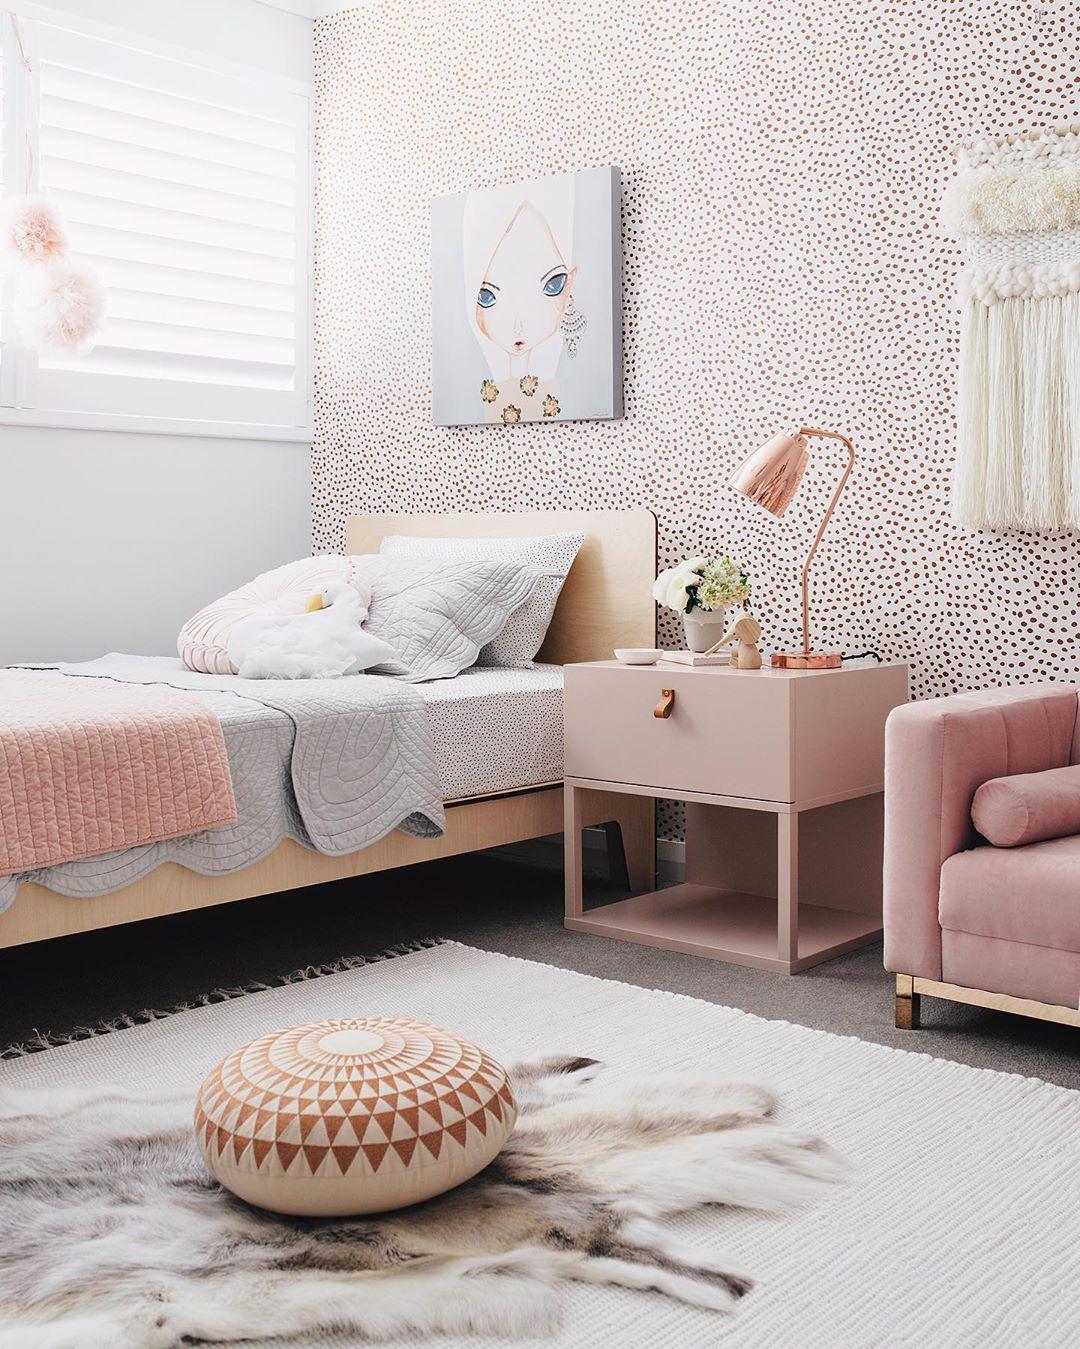 интерьер спальни для подростков фото 18